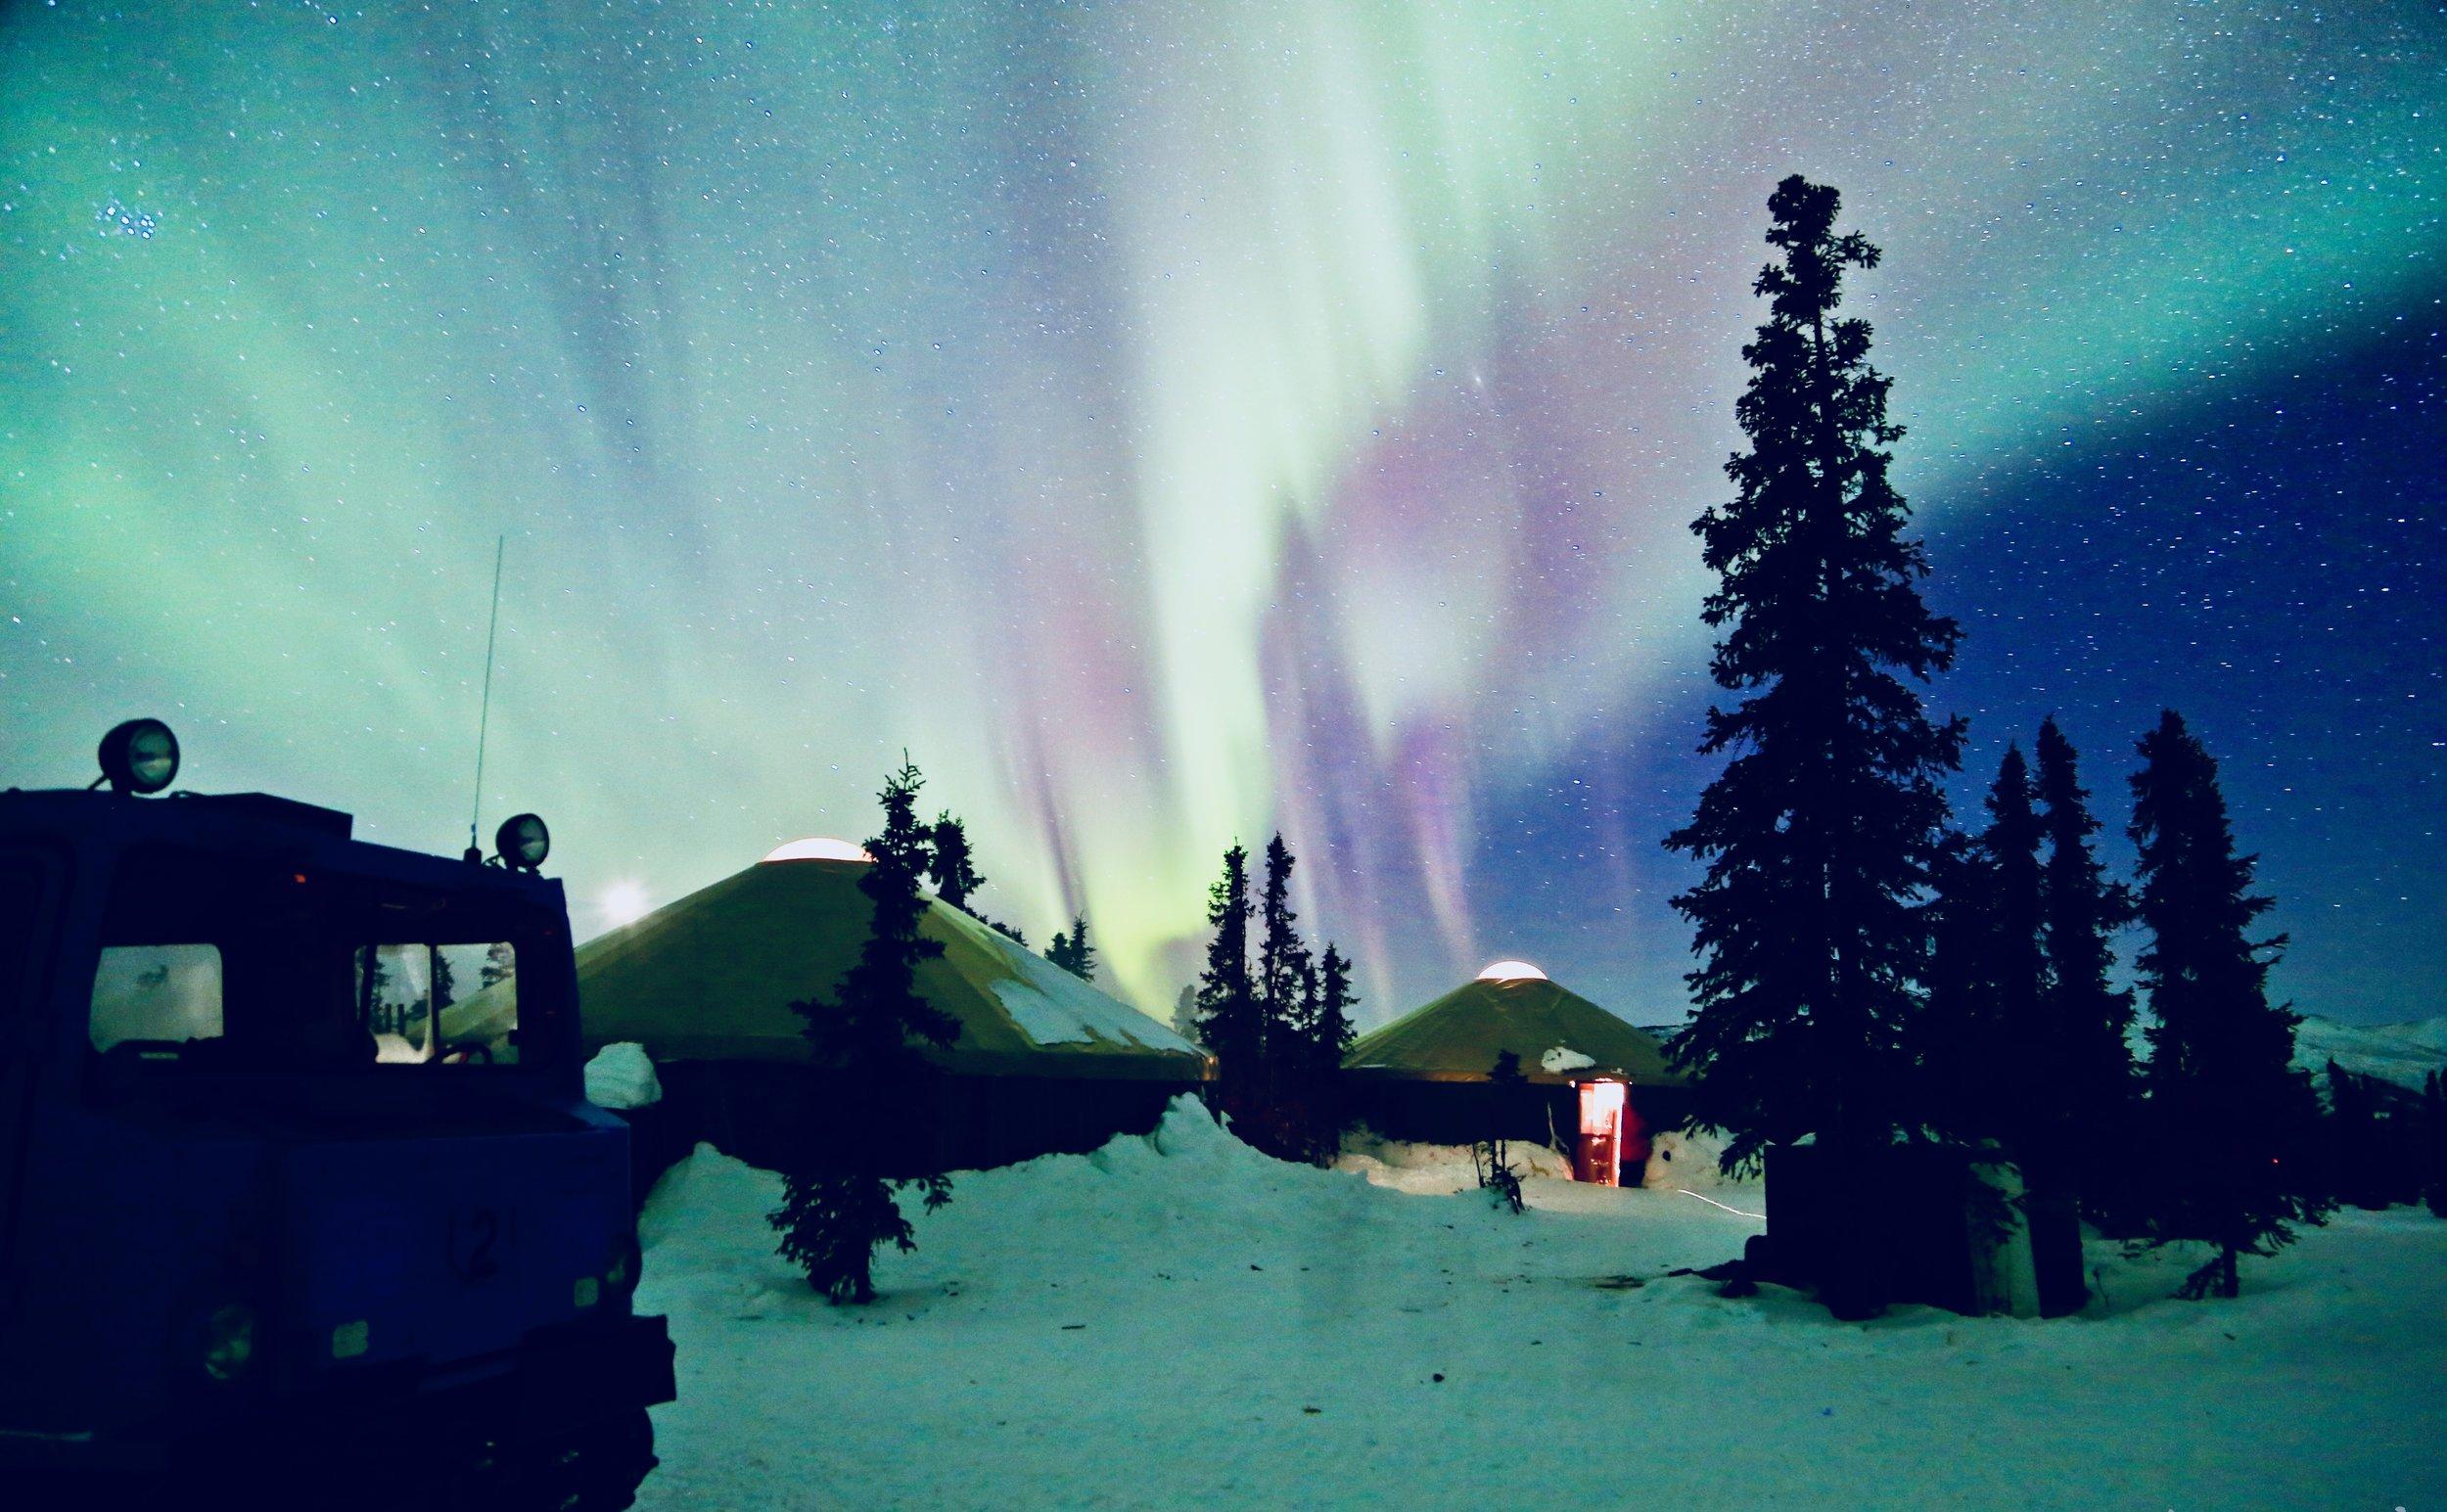 观赏北极光 - - 坐军用坦克车到查理穹顶- 360度无敌视野- 在温暖的蒙古包内享用免费热饮和小点*6岁以上方可成行约5小时- $75/ 每人